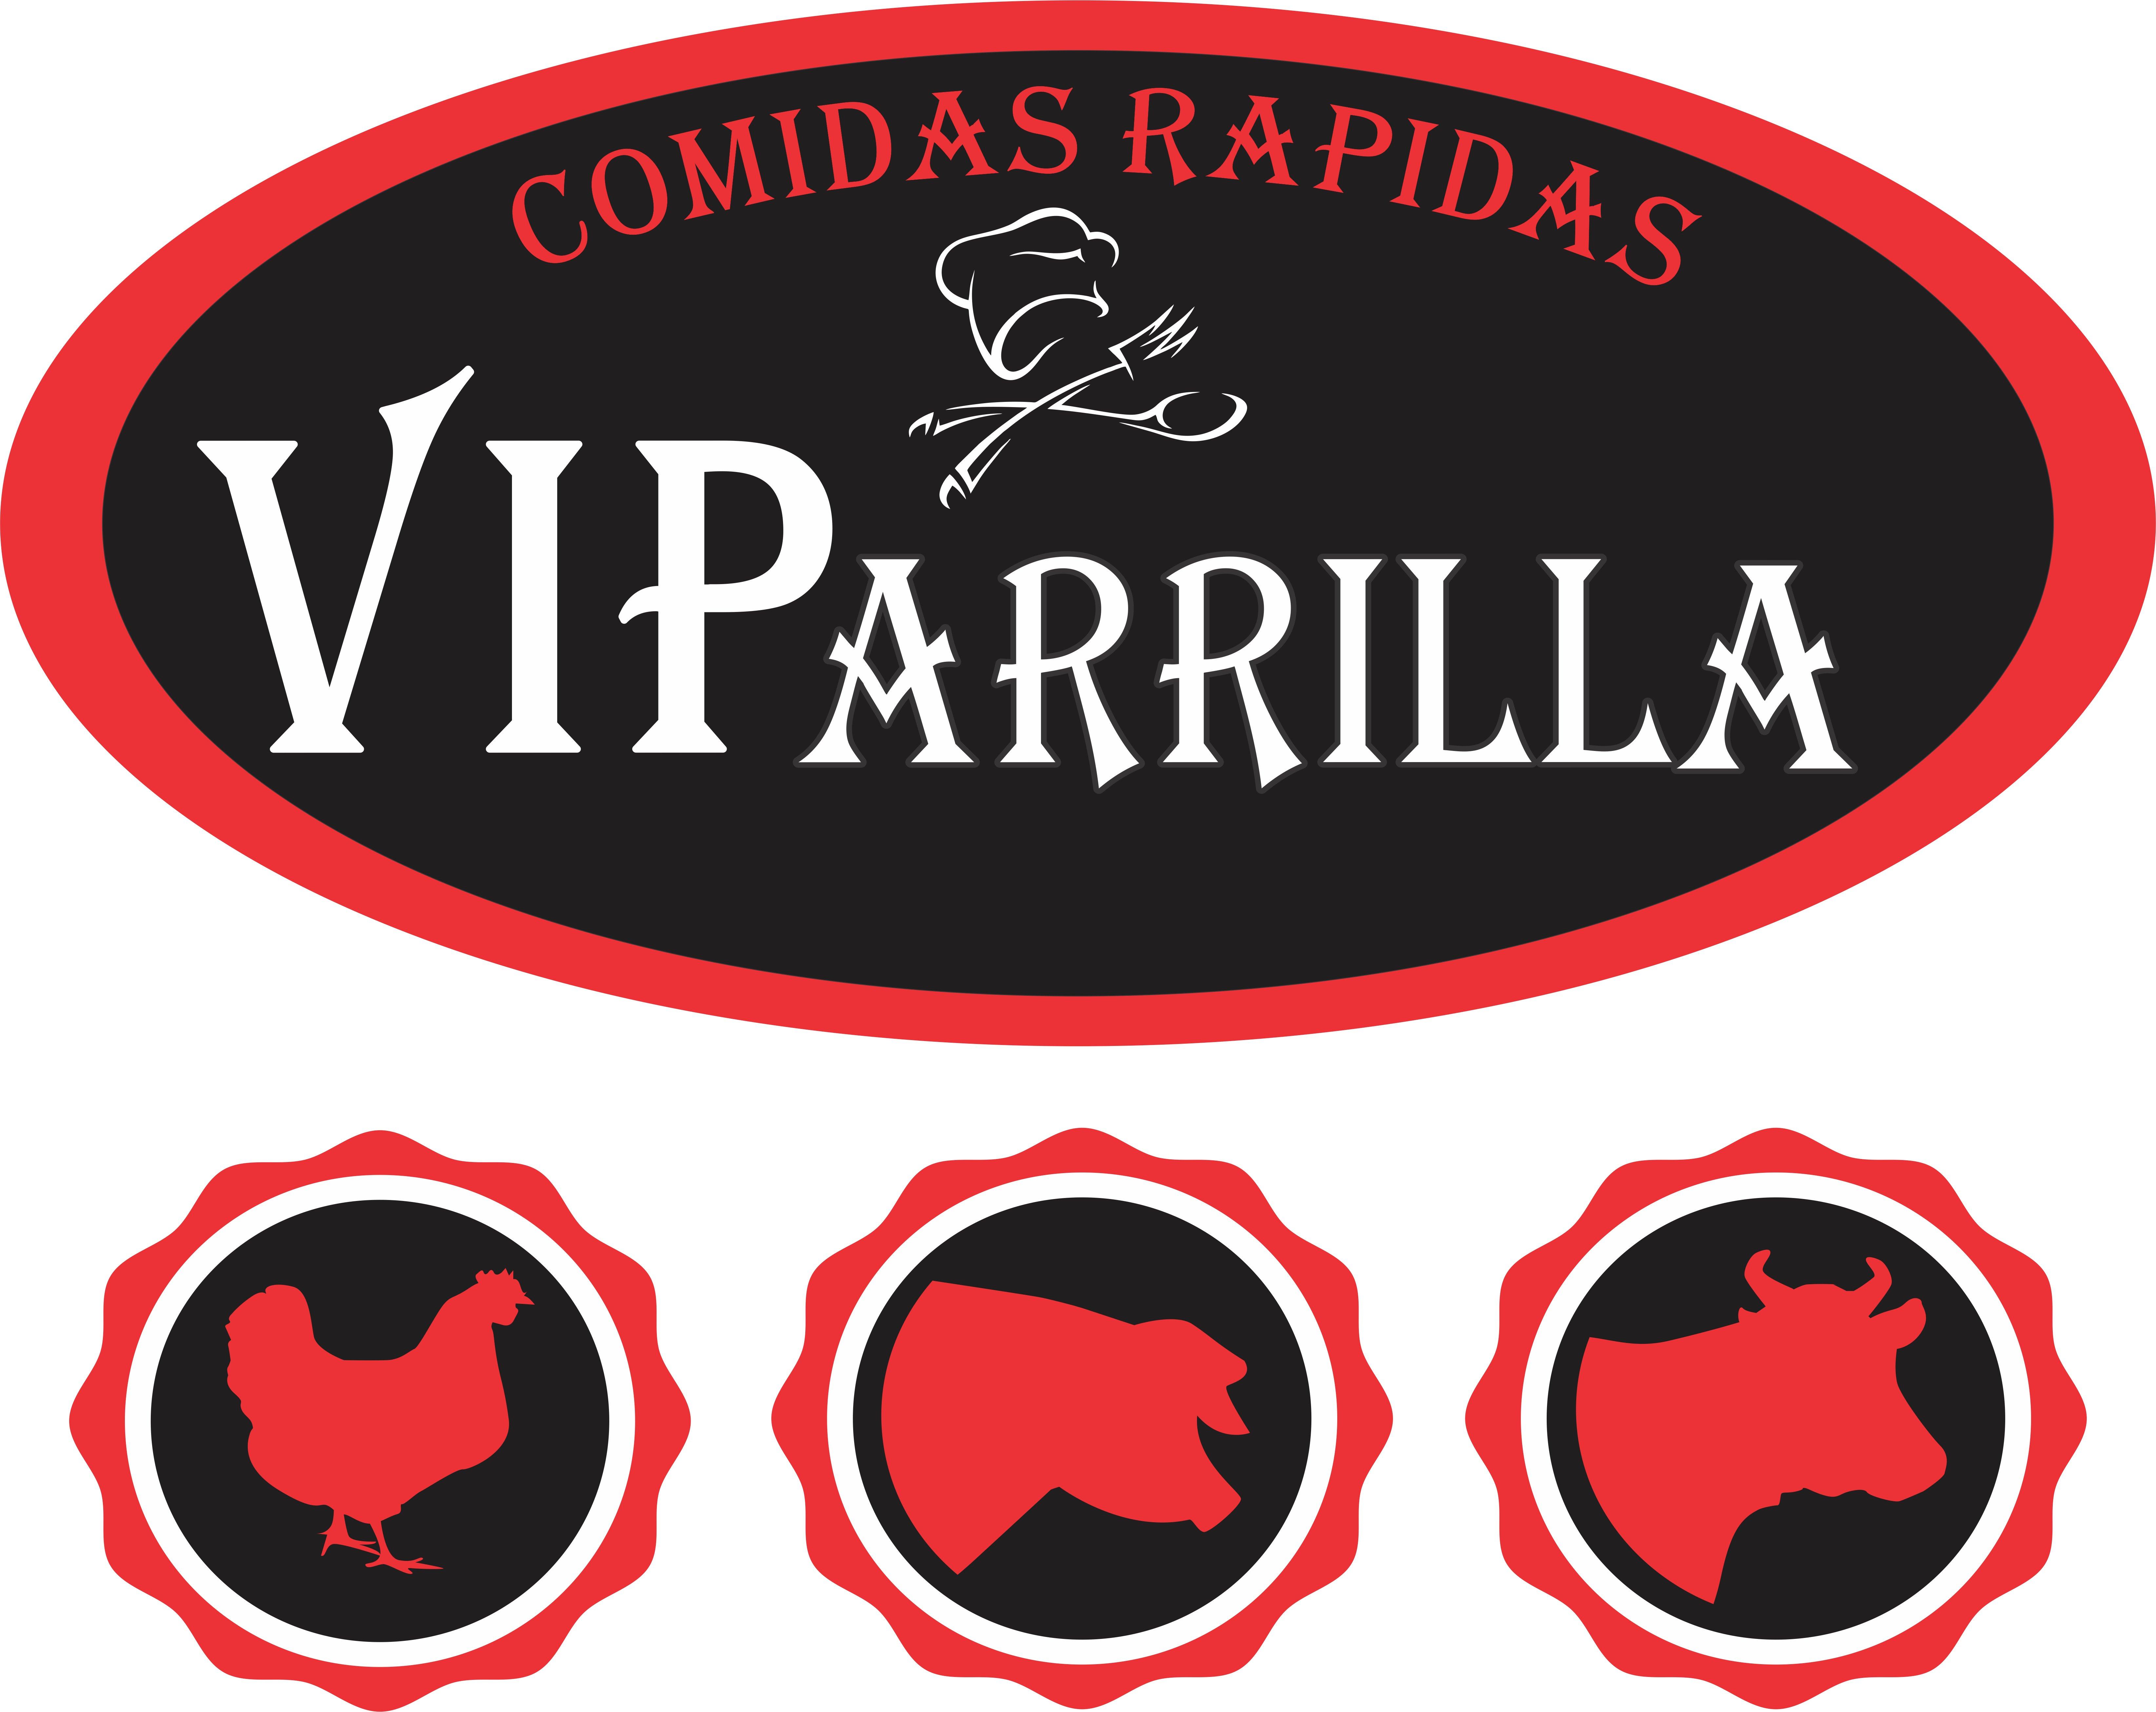 ViParrilla